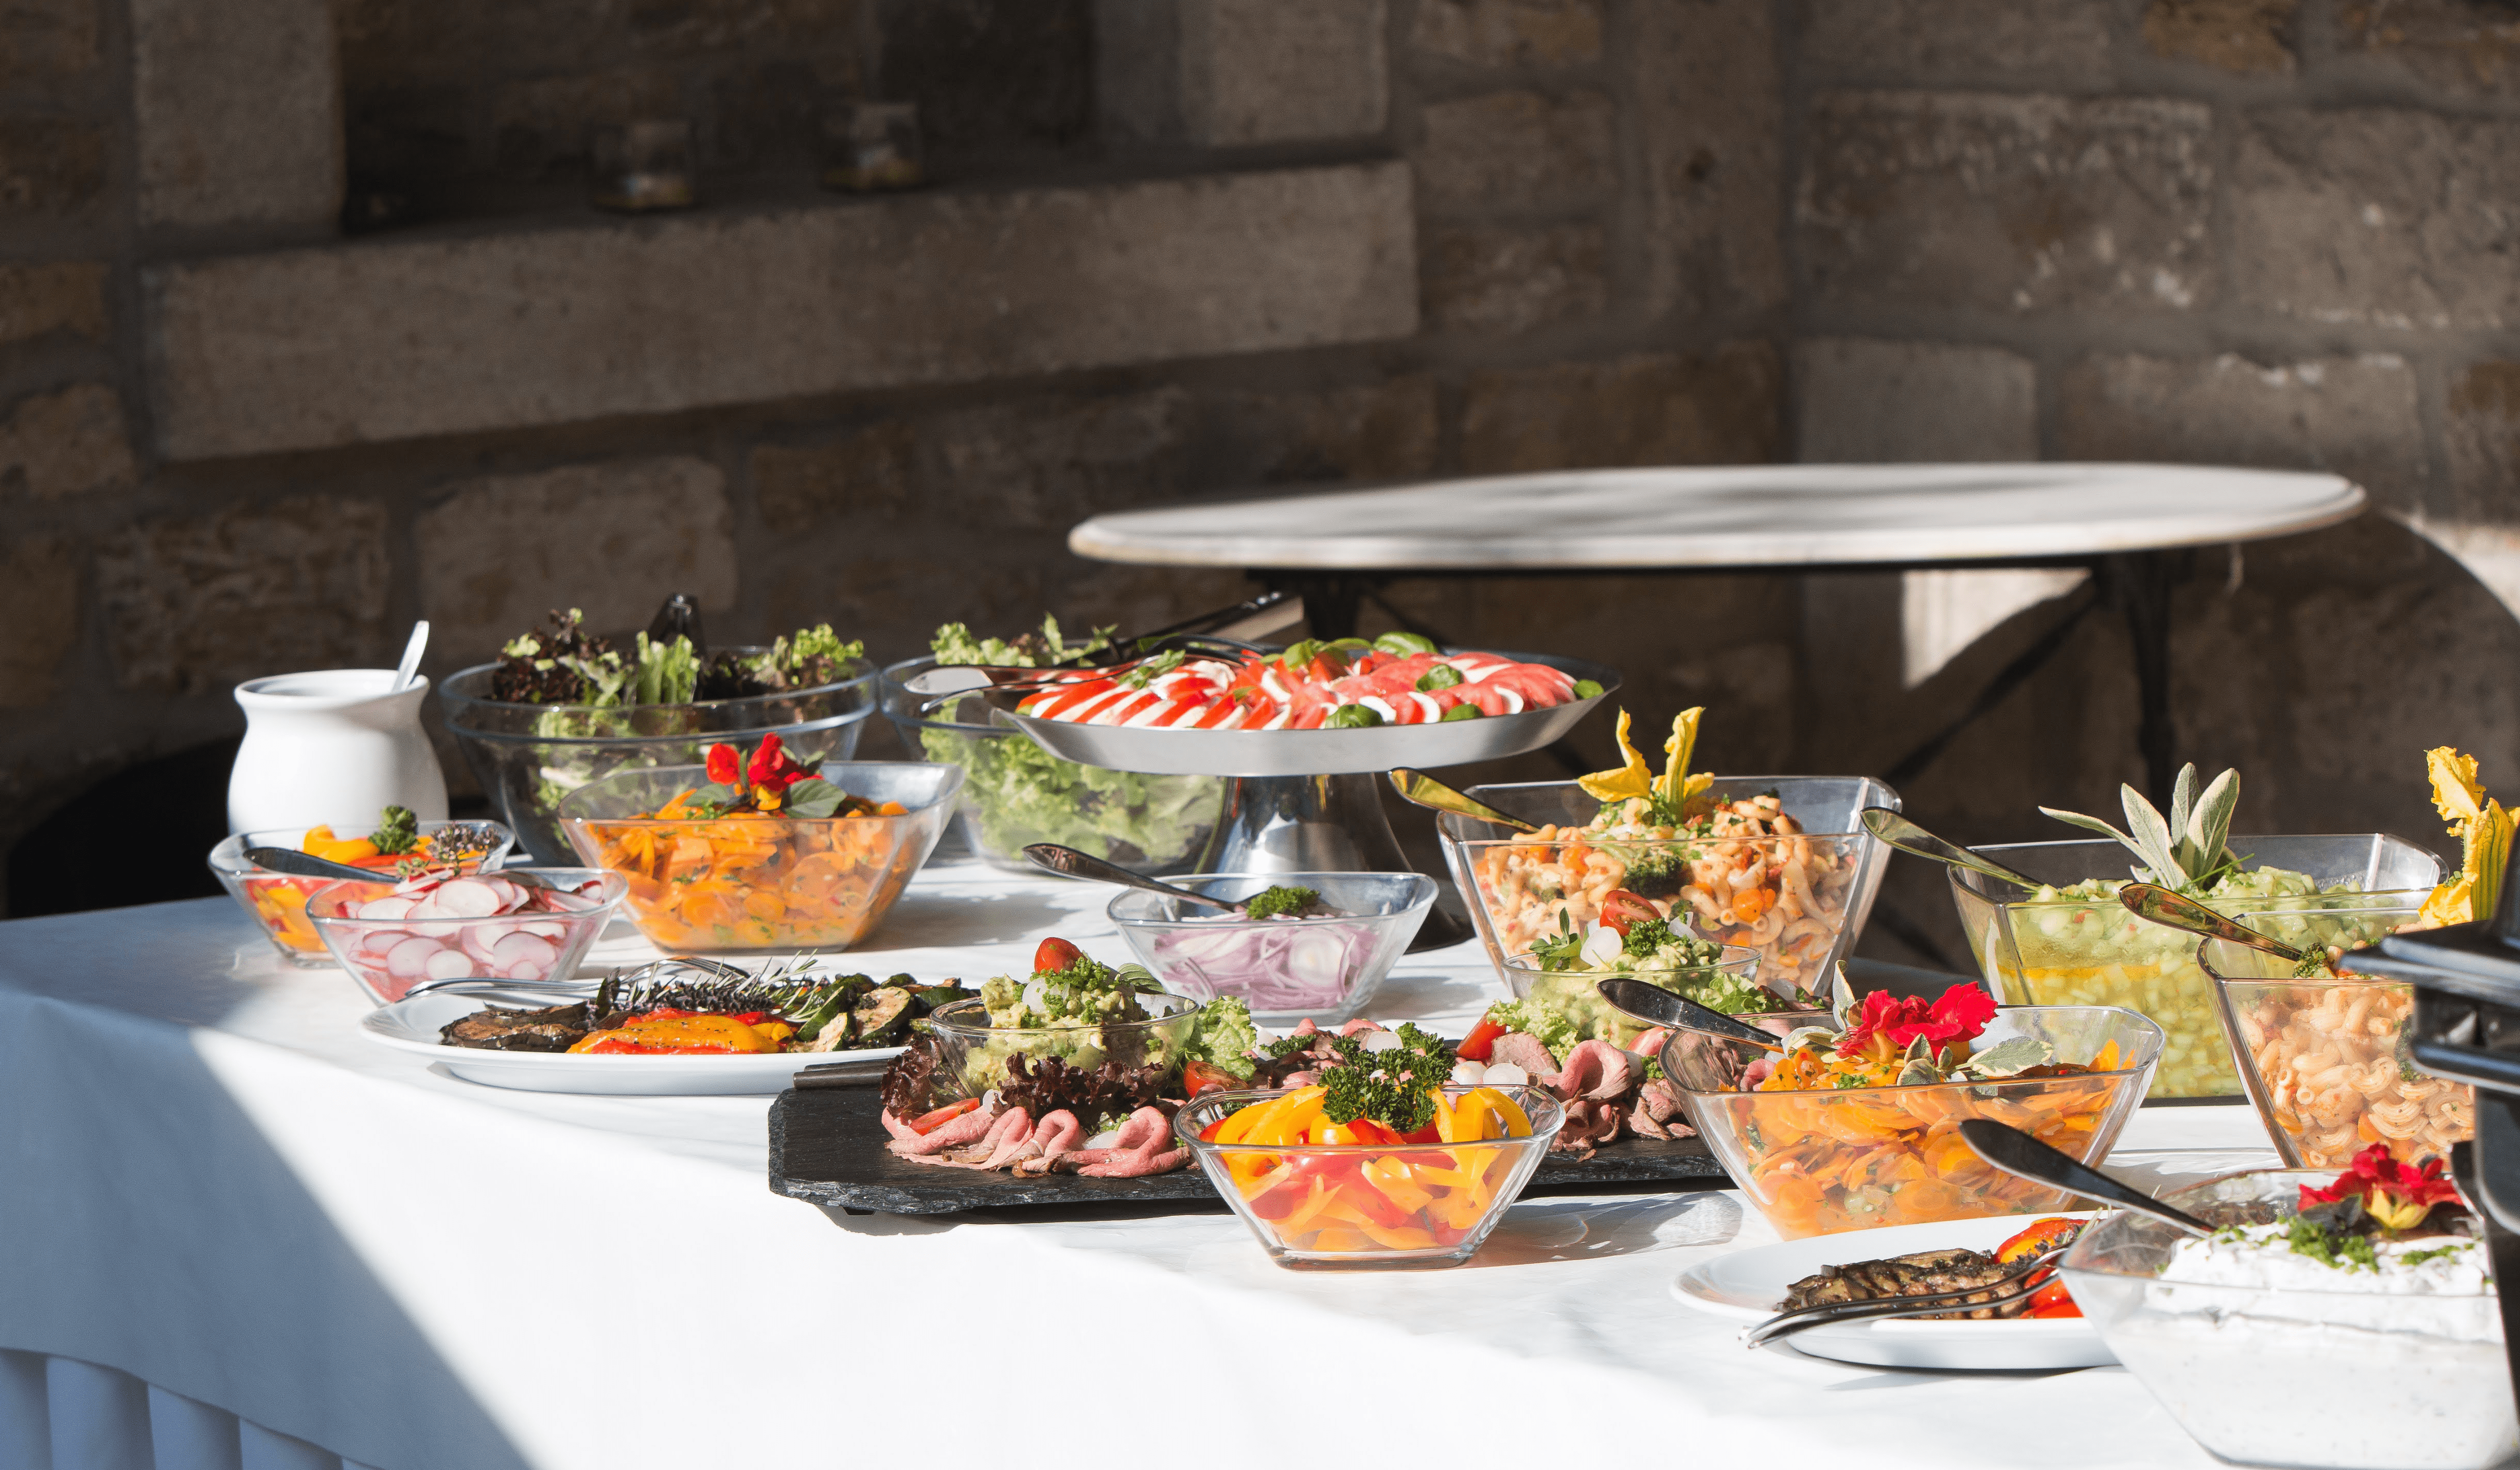 Buffet mit mediterranen Beilagen und Salaten